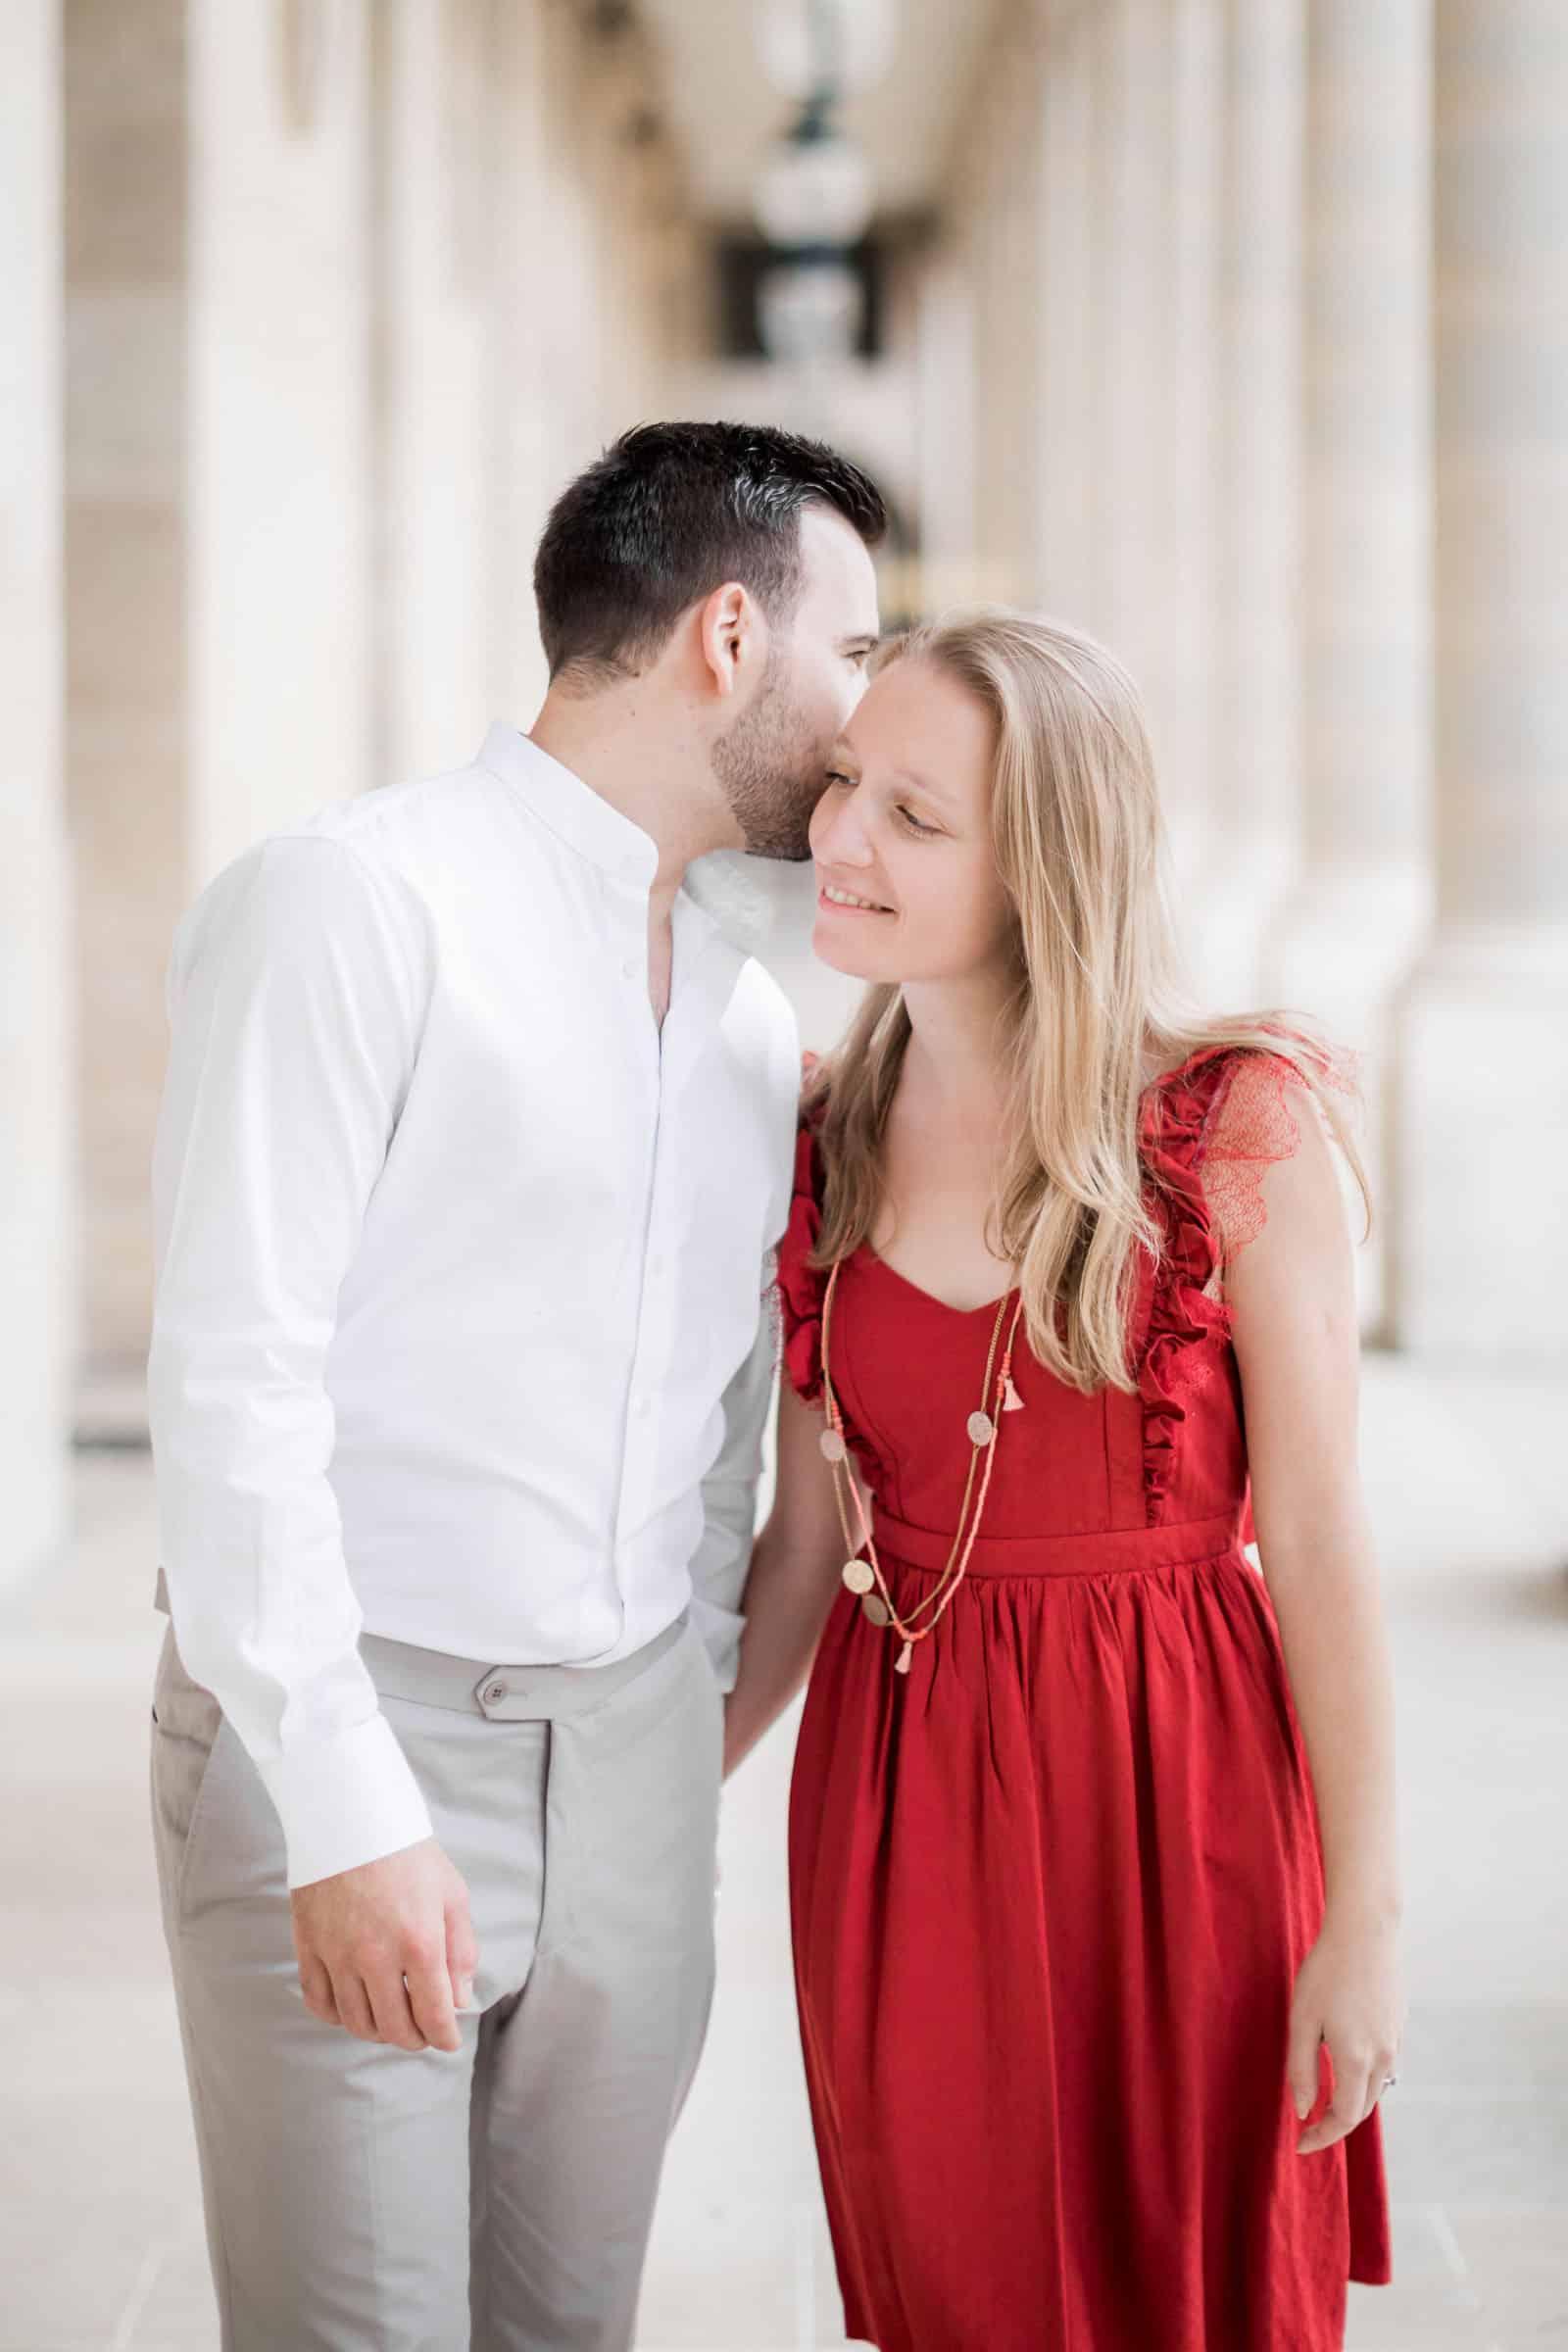 Photo de Mathieu Dété, couple amoureux dans les allées du Palais-Royal à Paris